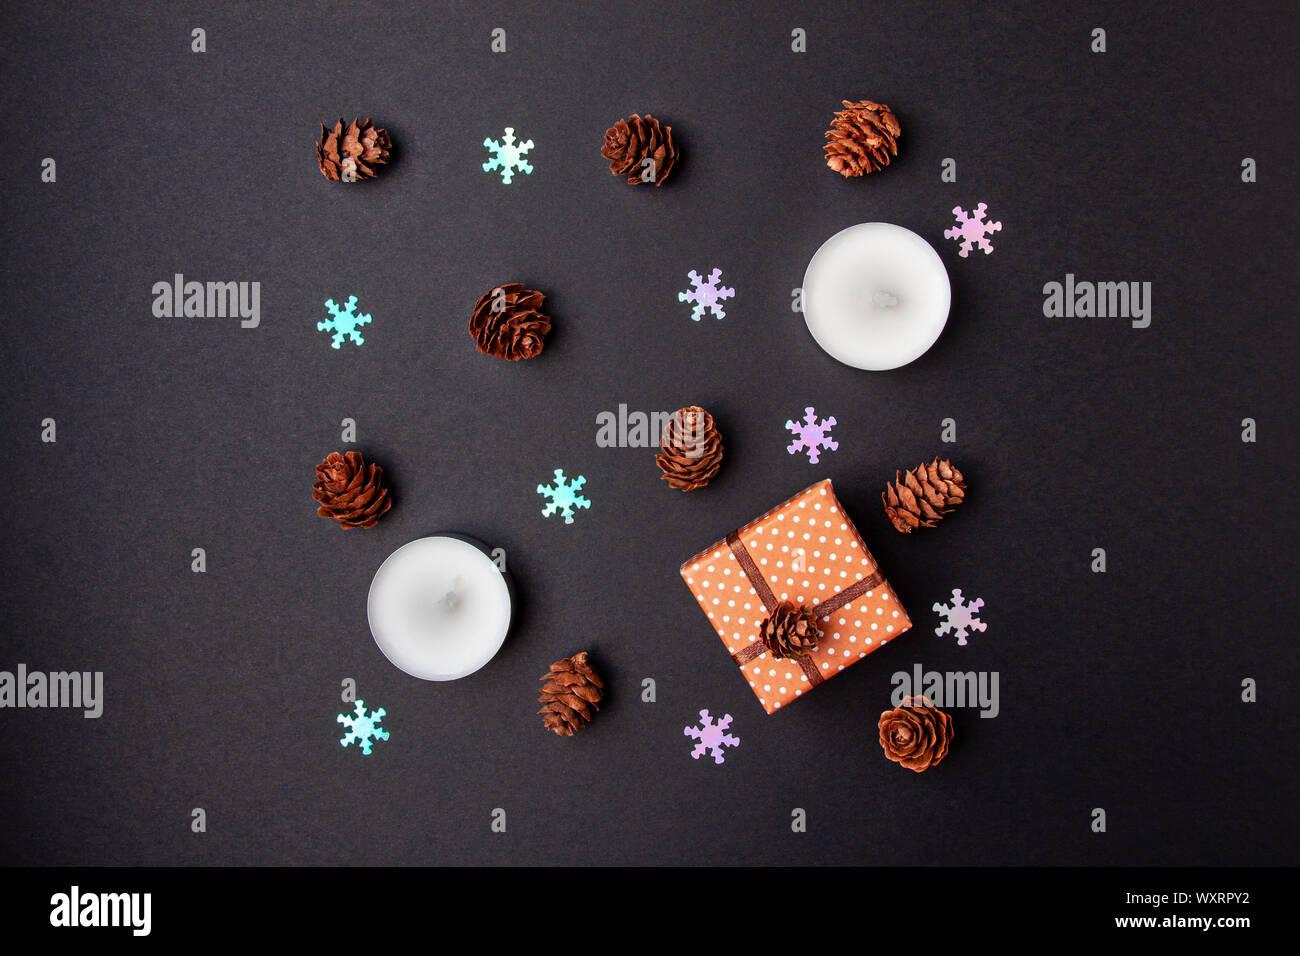 Ansicht von oben flach Weihnachten Geometrie Zusammensetzung der Tannenzapfen, Kerzen, fake Schneeflocken und kleines Geschenk Box auf schwarzem Hintergrund Stockfoto